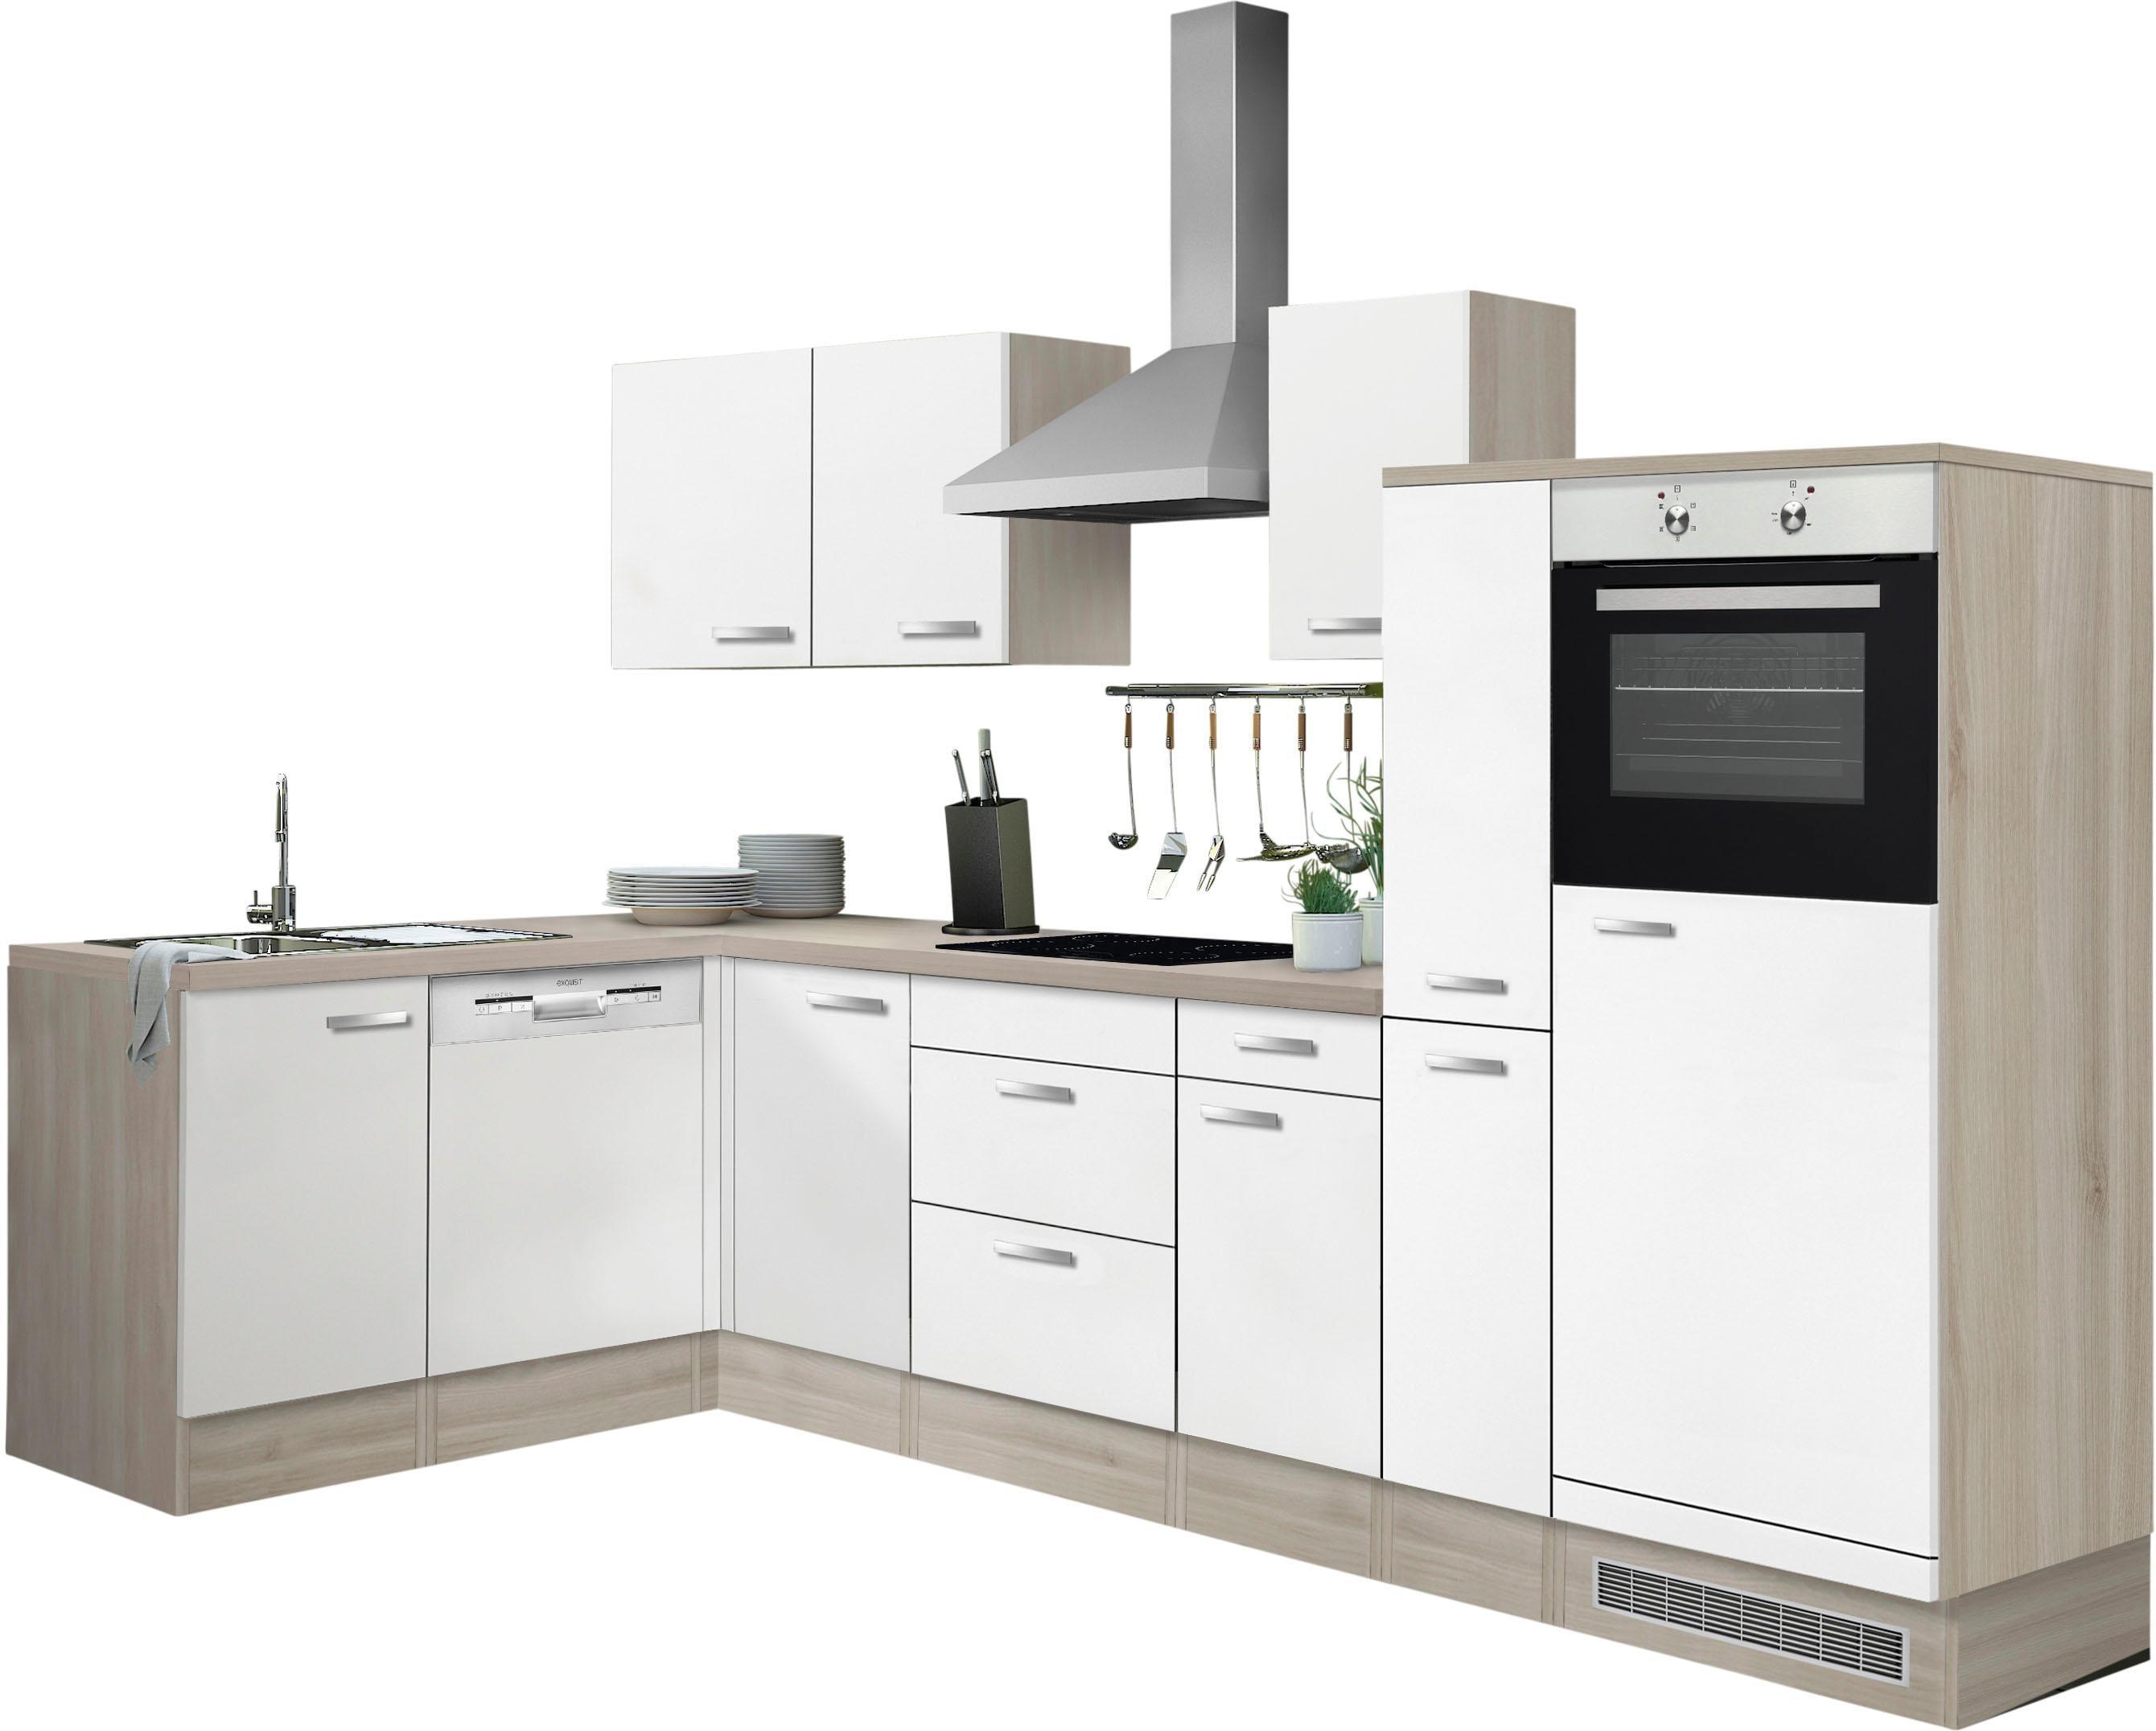 OPTIFIT Winkelküche Faro mit E-Geräten Stellbreite 300 x 175 cm